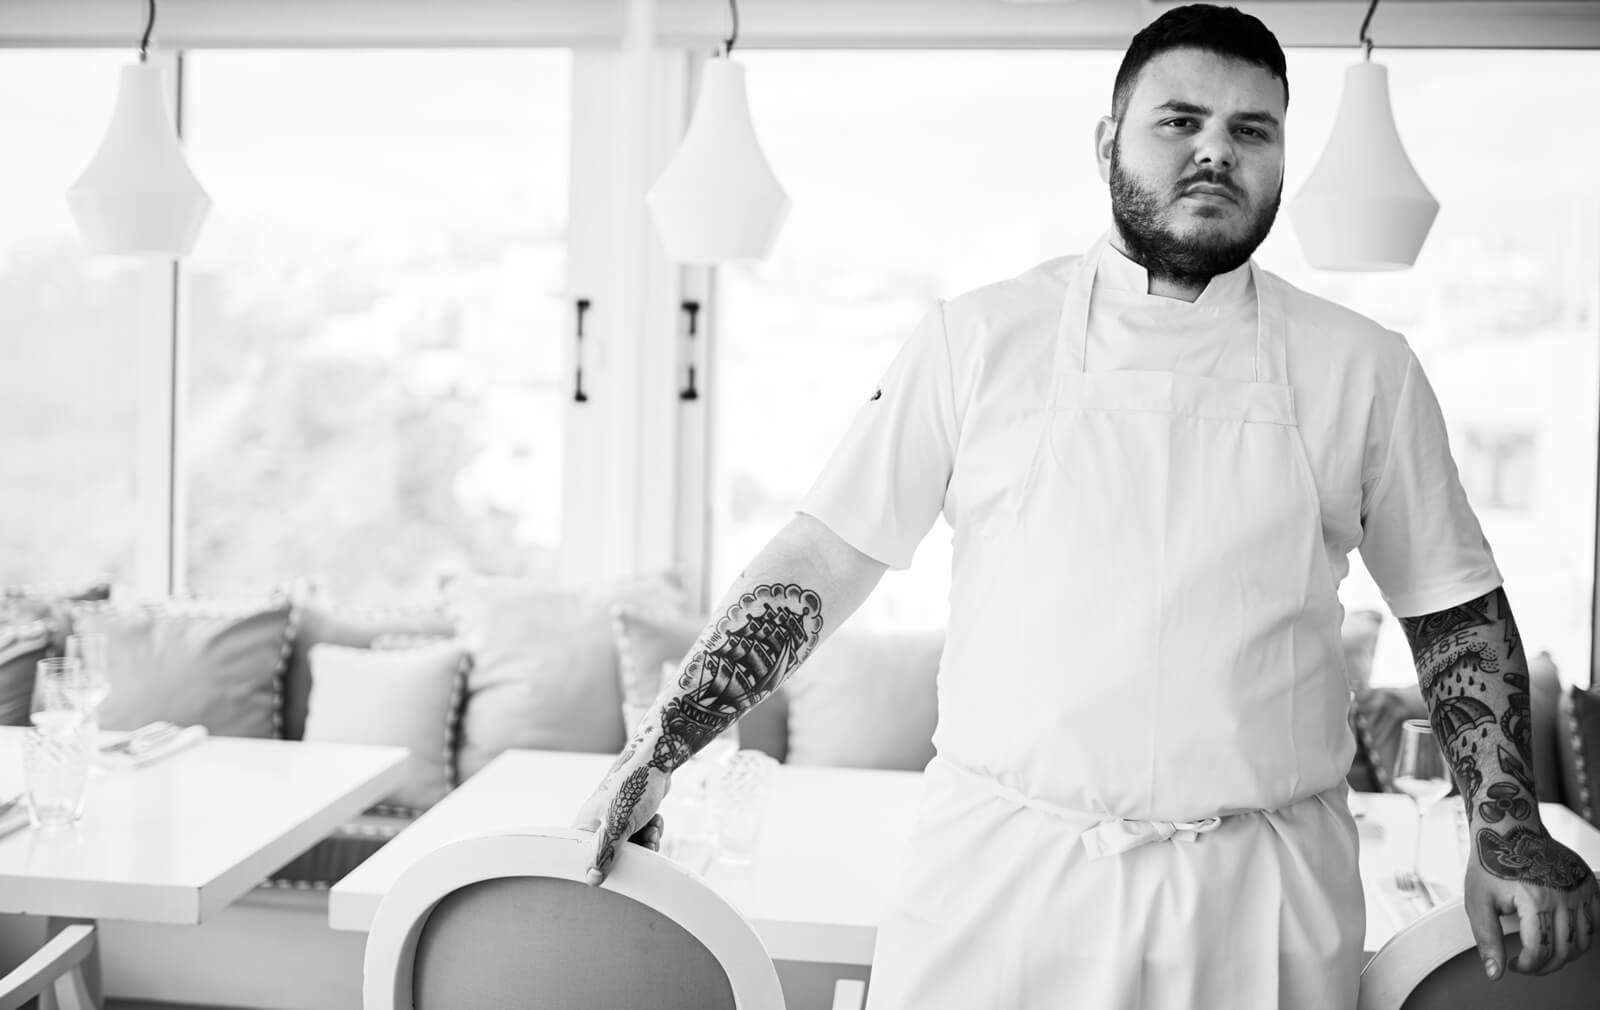 Kontovas Adam chef